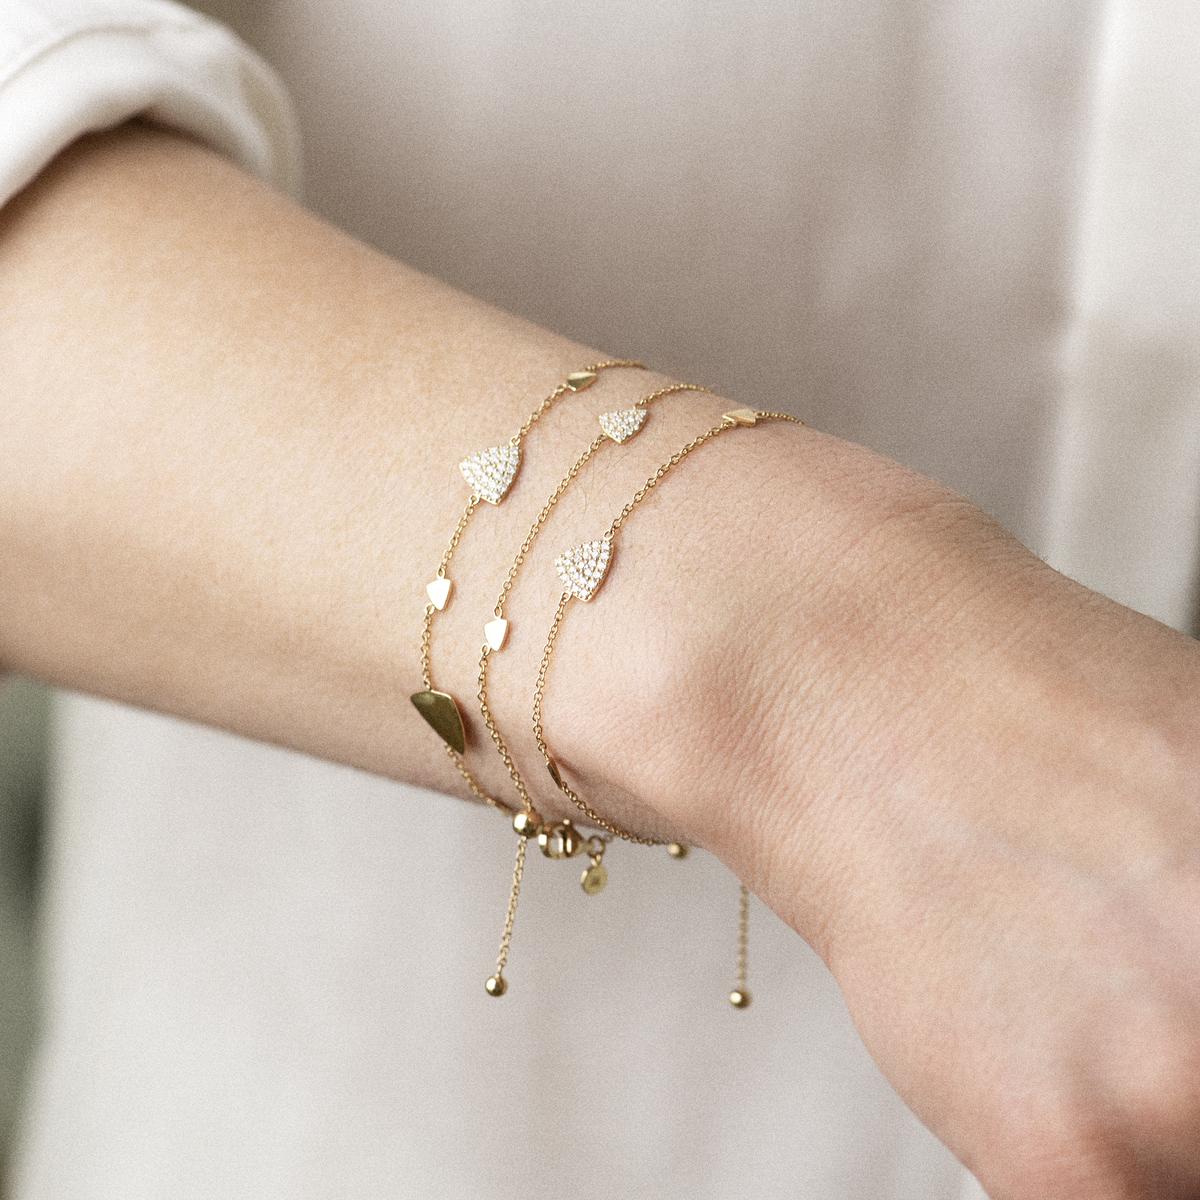 eolo bracelet in yellow gold